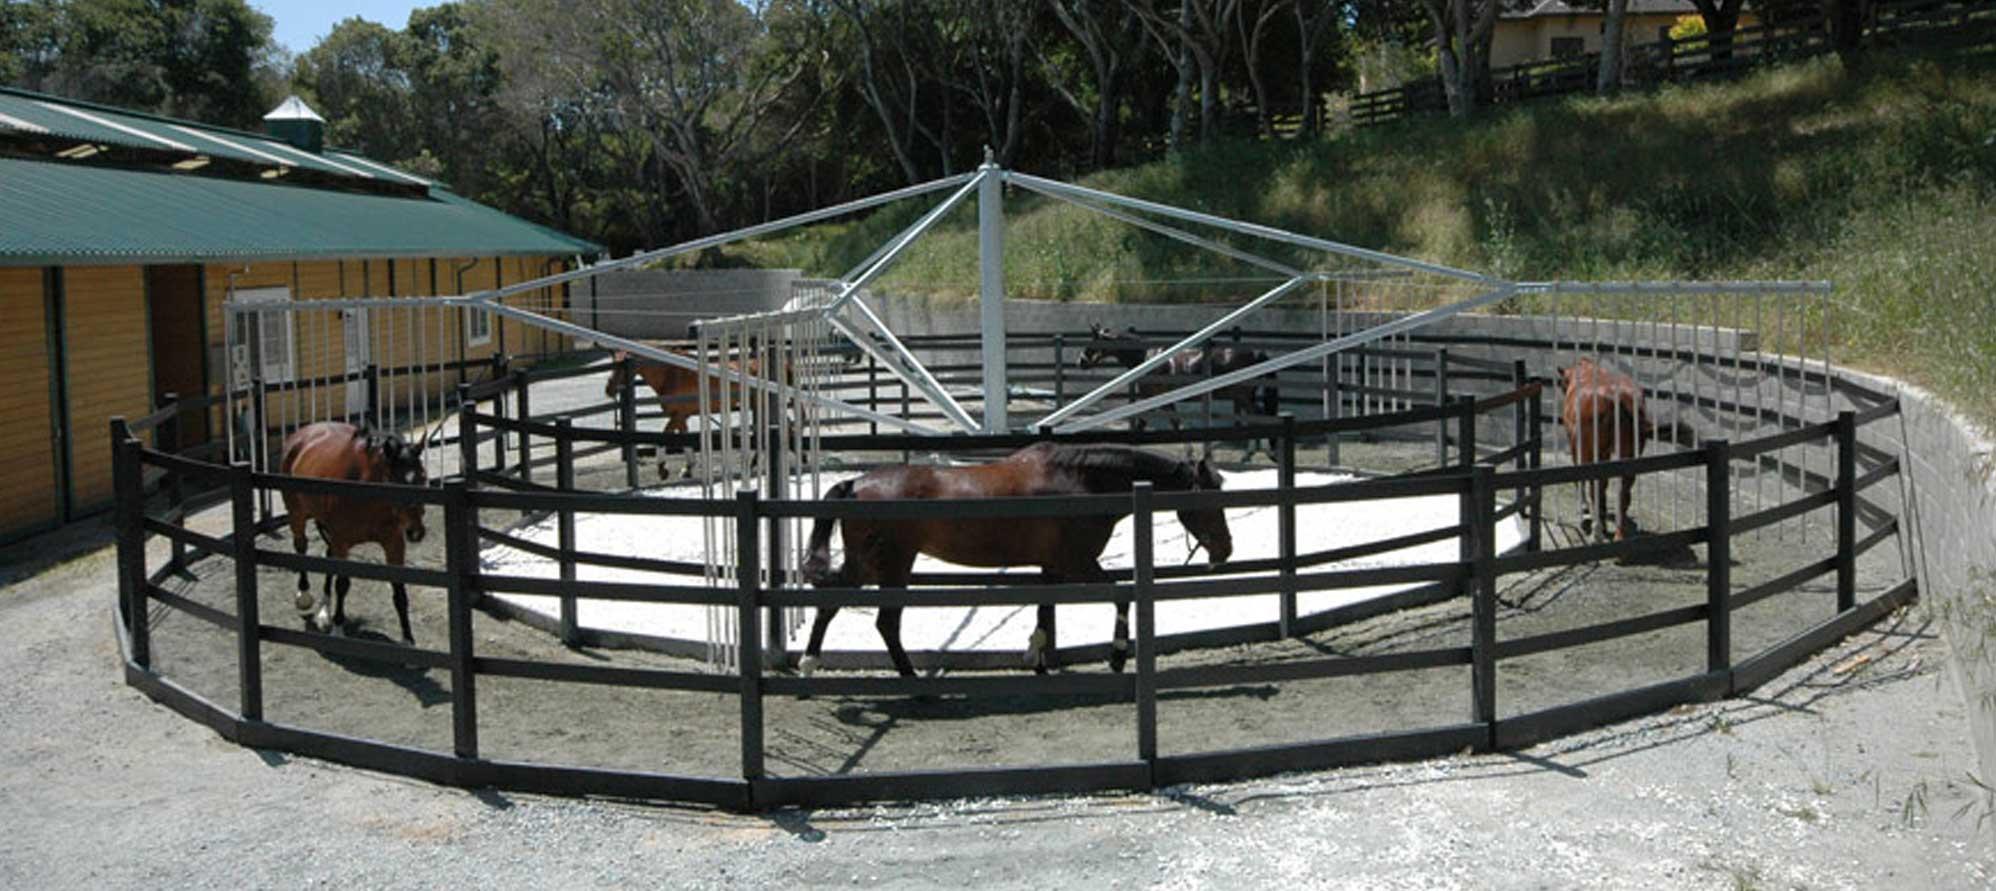 horse exerciser